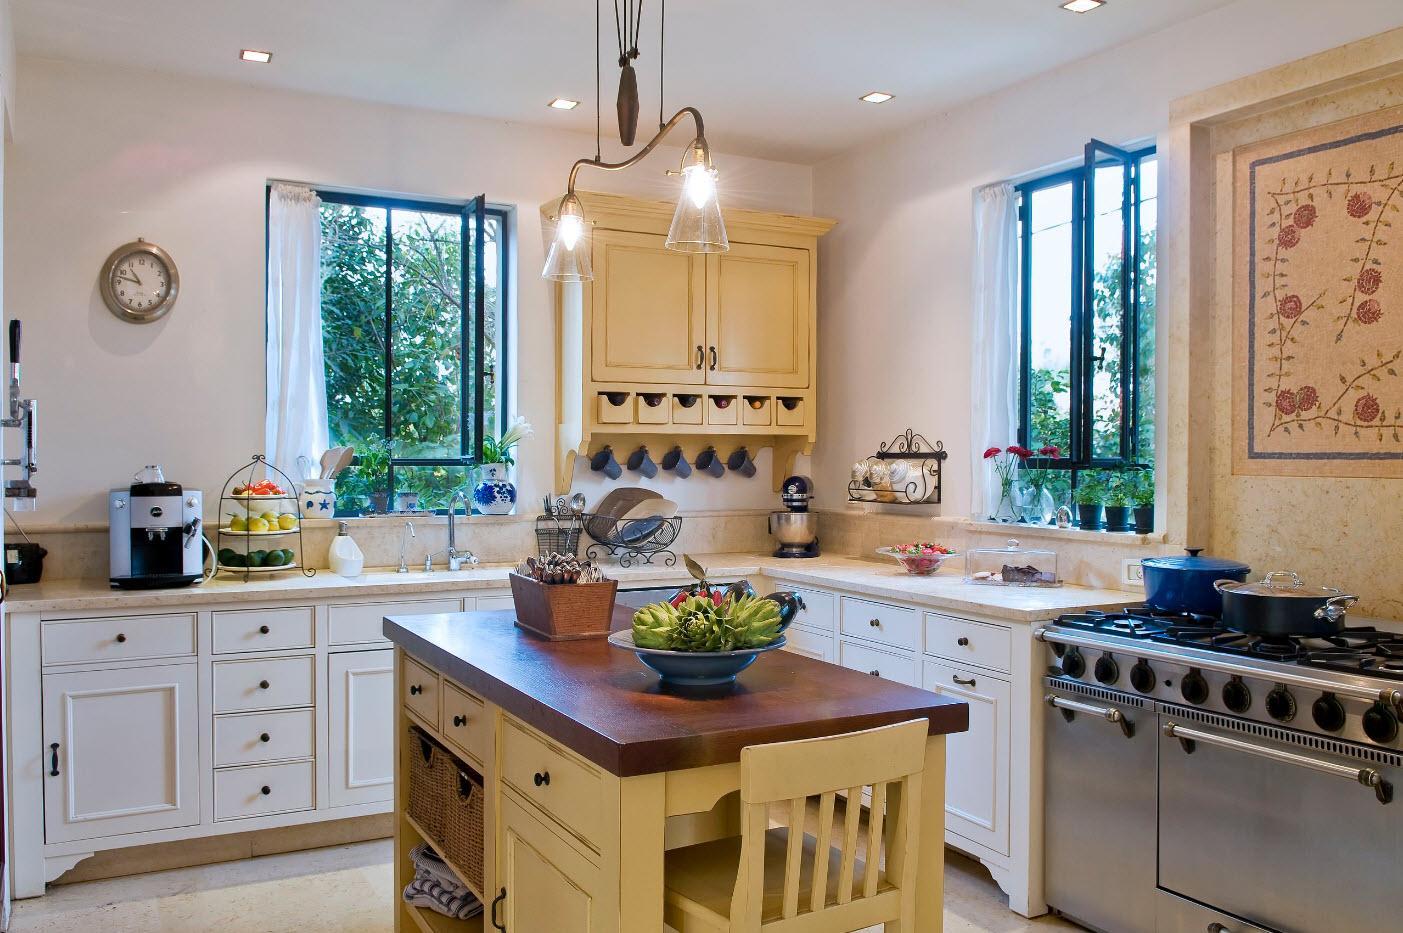 Интерьер кухни с двумя окнами на смежных стенах.